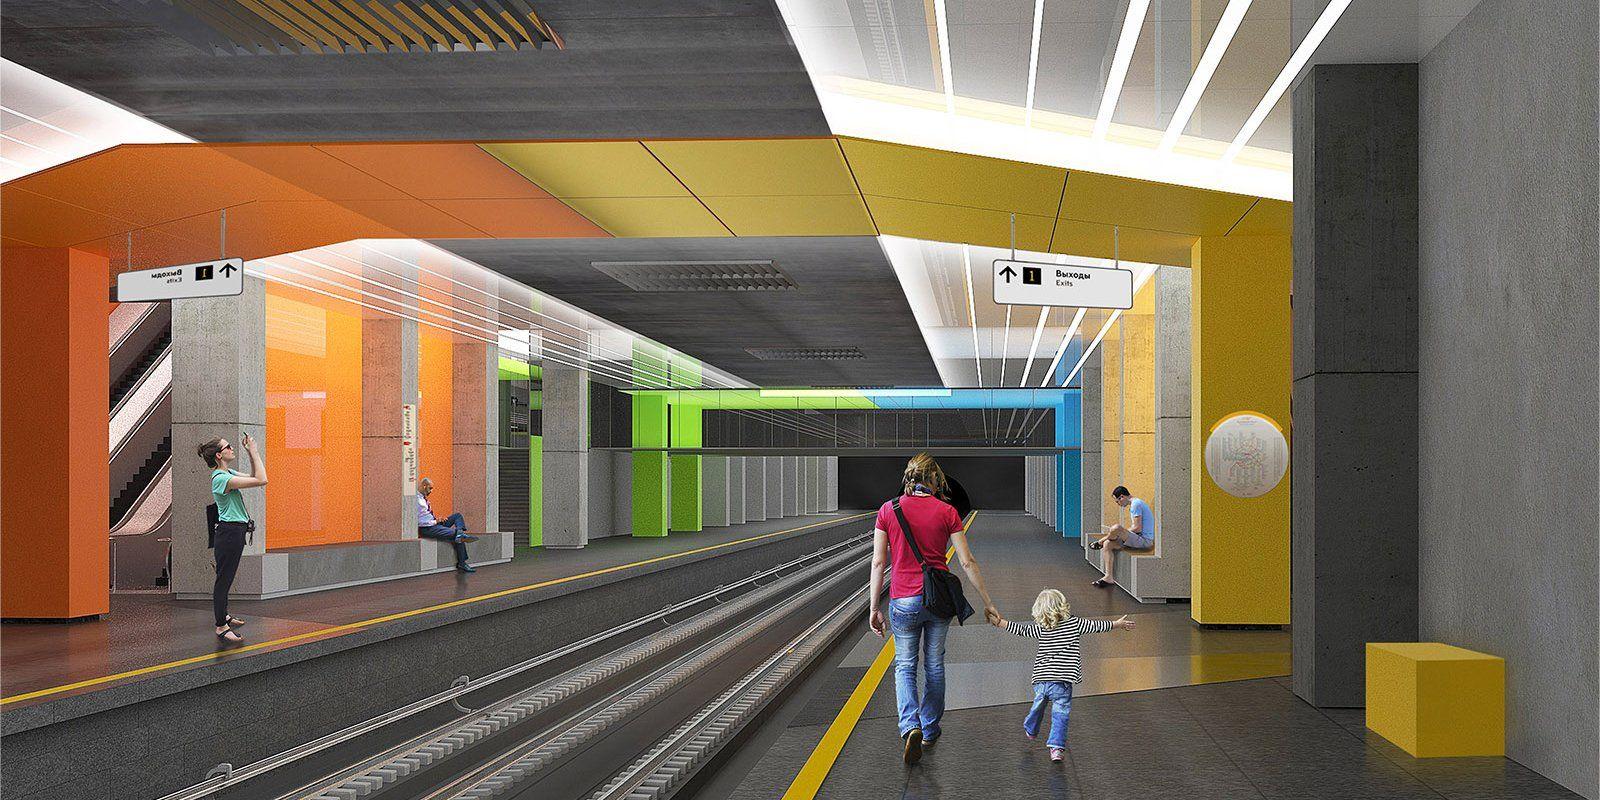 Метро Москвы получит девять станций за 12 месяцев